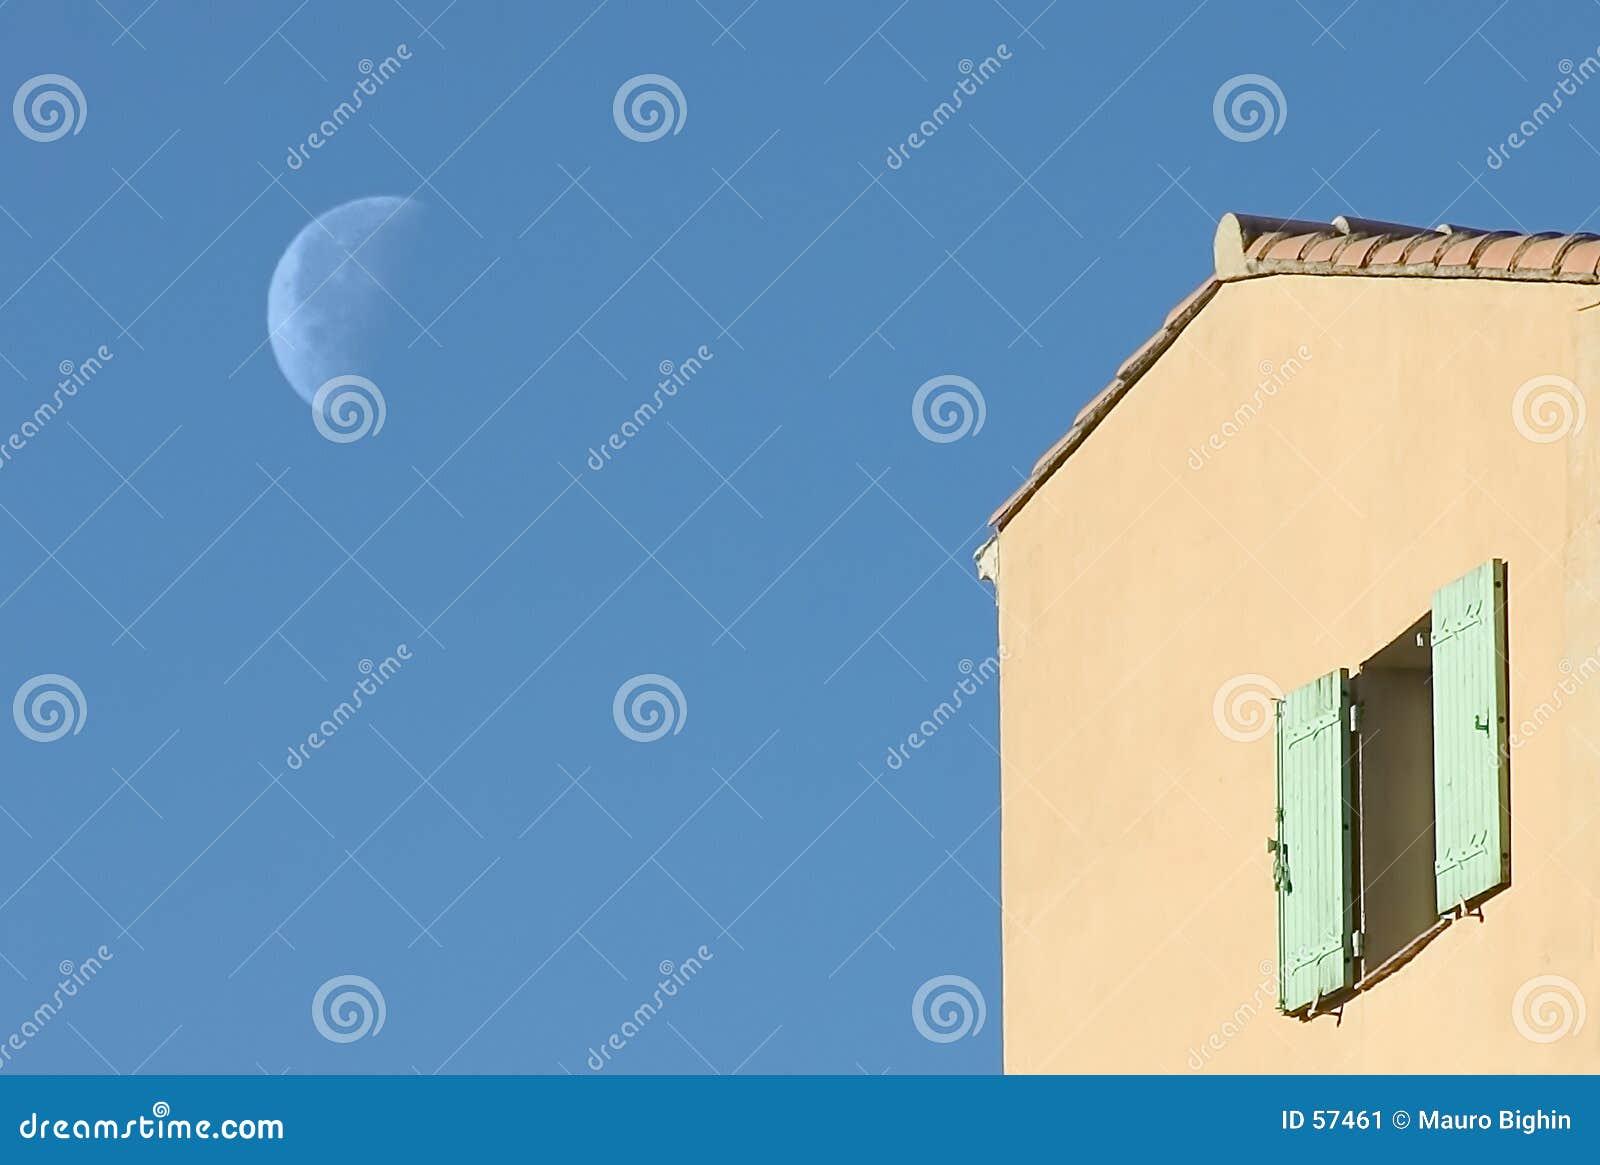 Download Lune de la Provence image stock. Image du europe, bleu, paix - 57461